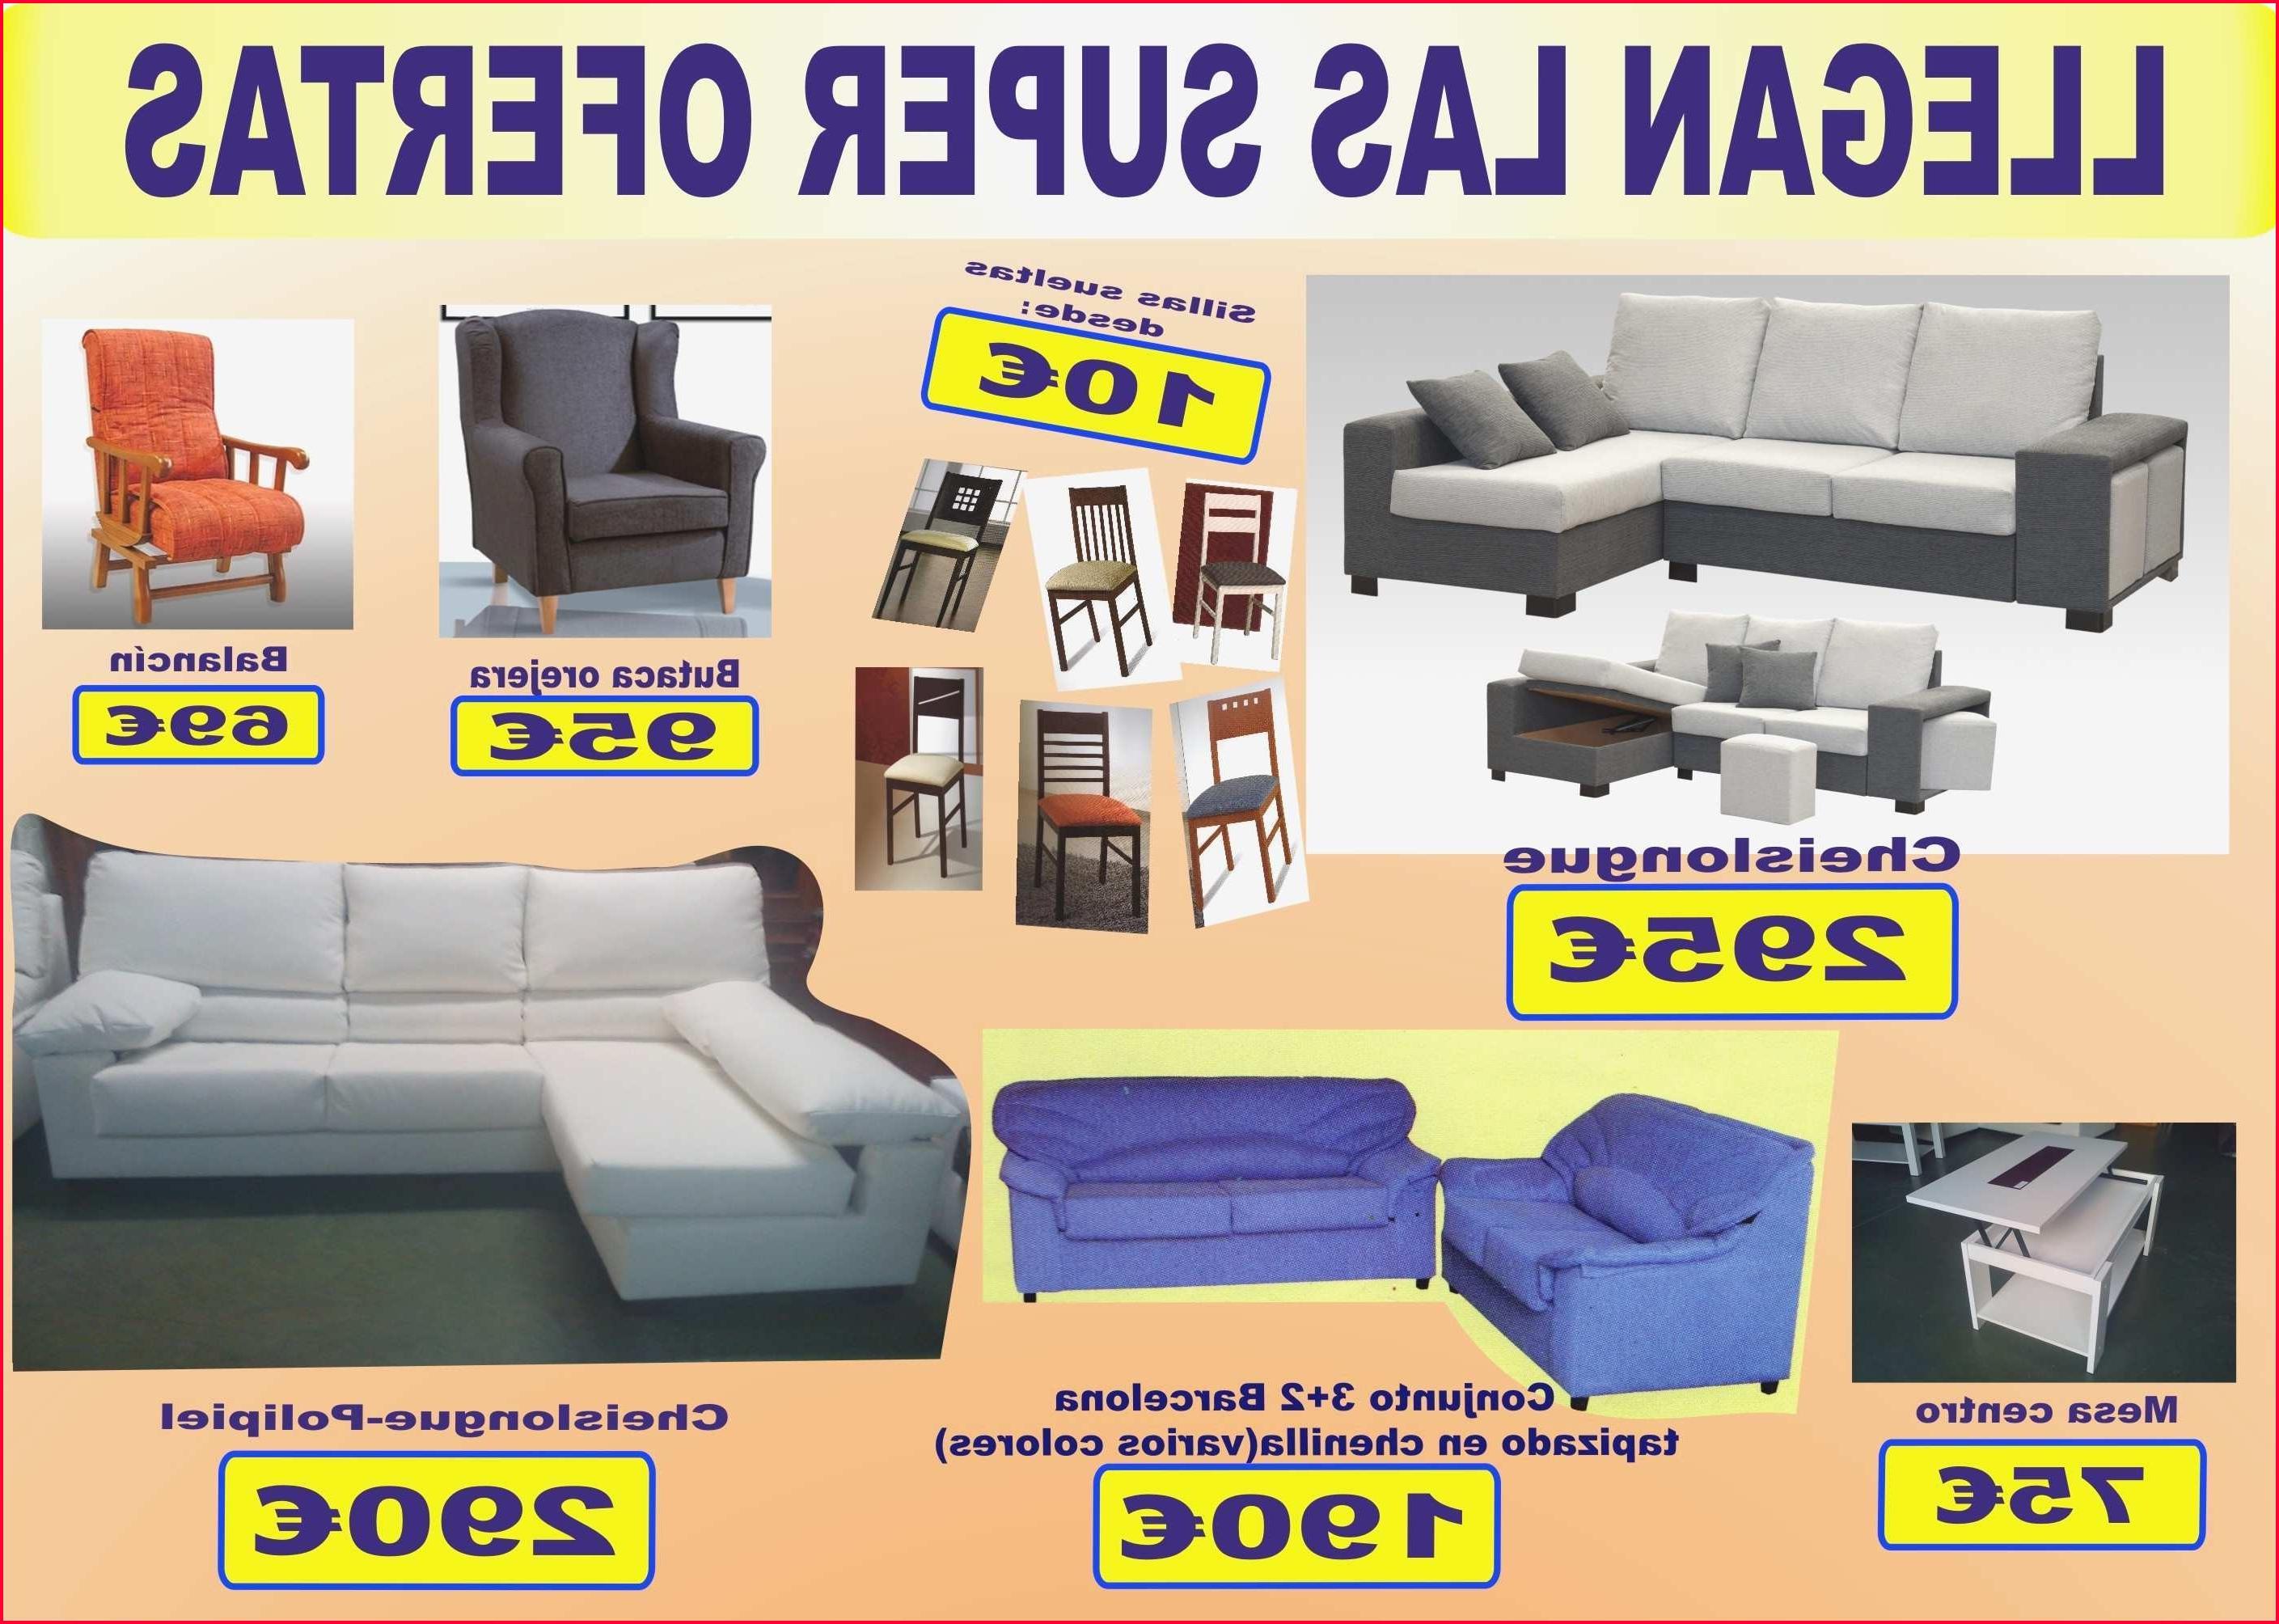 Tiendas Muebles Tarragona X8d1 Tiendas Muebles Tarragona Lujo Muebles Tarragona